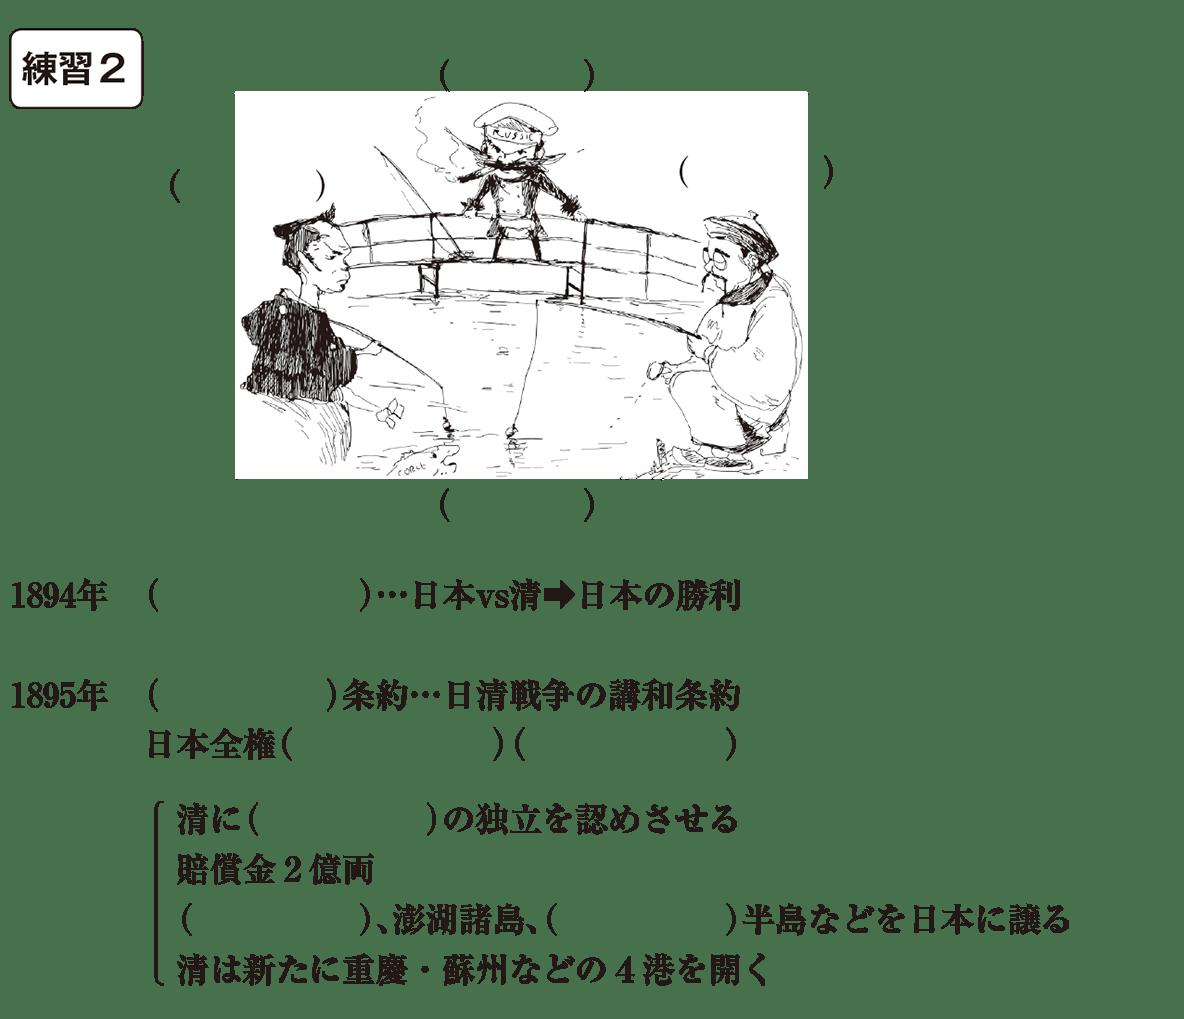 中学歴史50 練習2 カッコ空欄